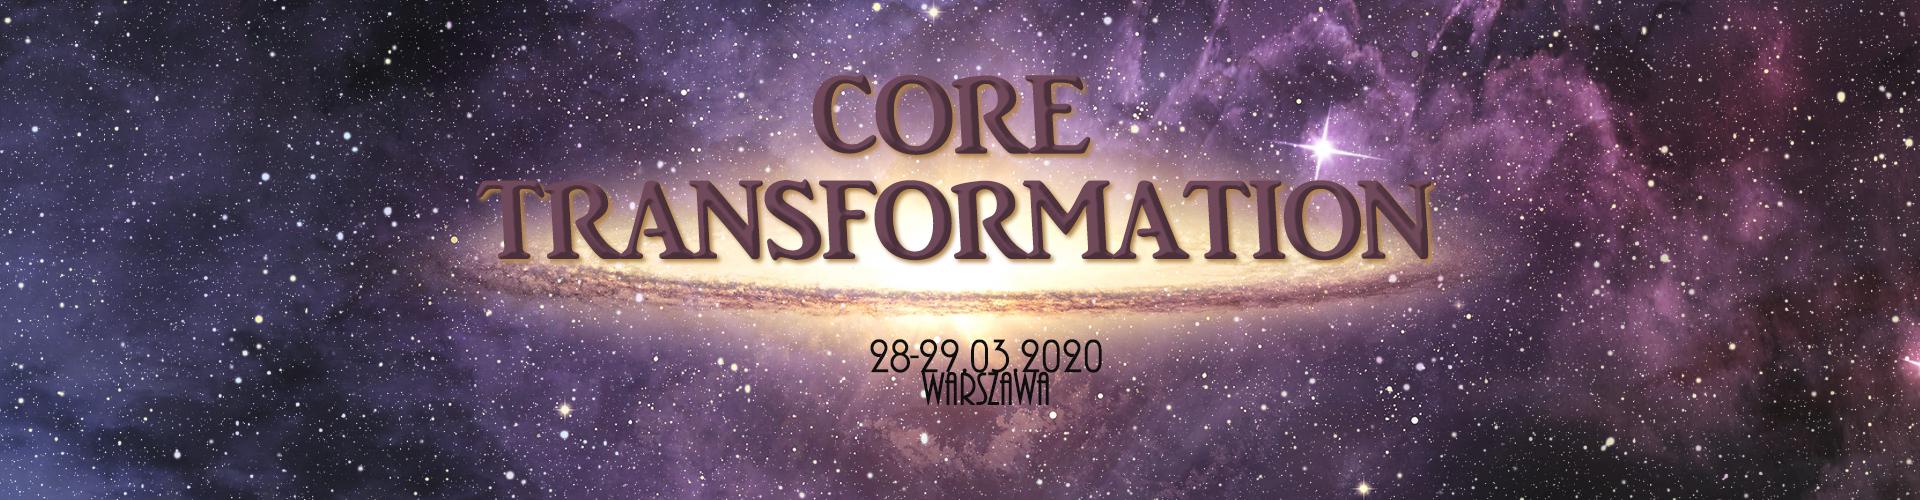 core-transformation-1